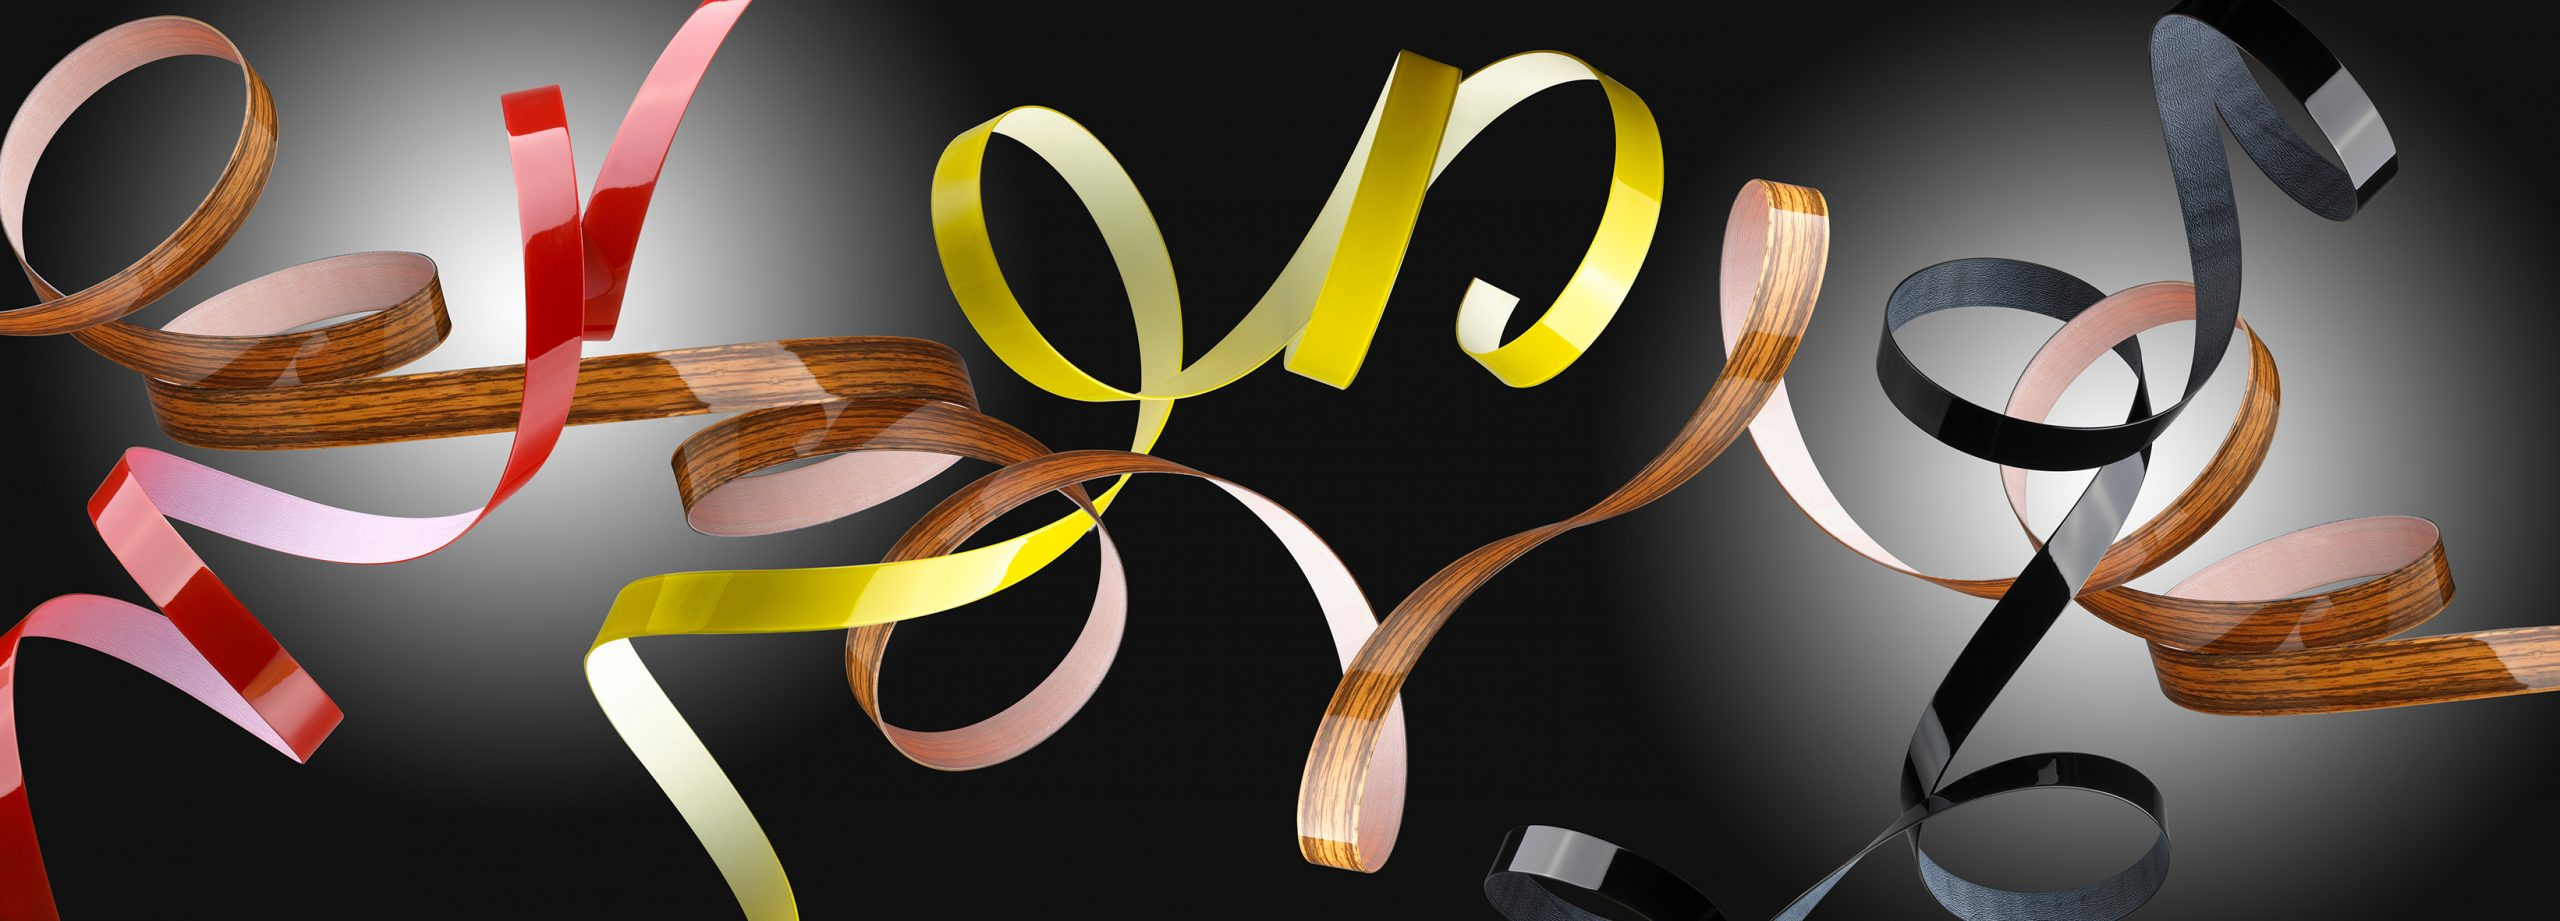 SURTECO - Kantenbänder glänzend für die Möbelfertigung